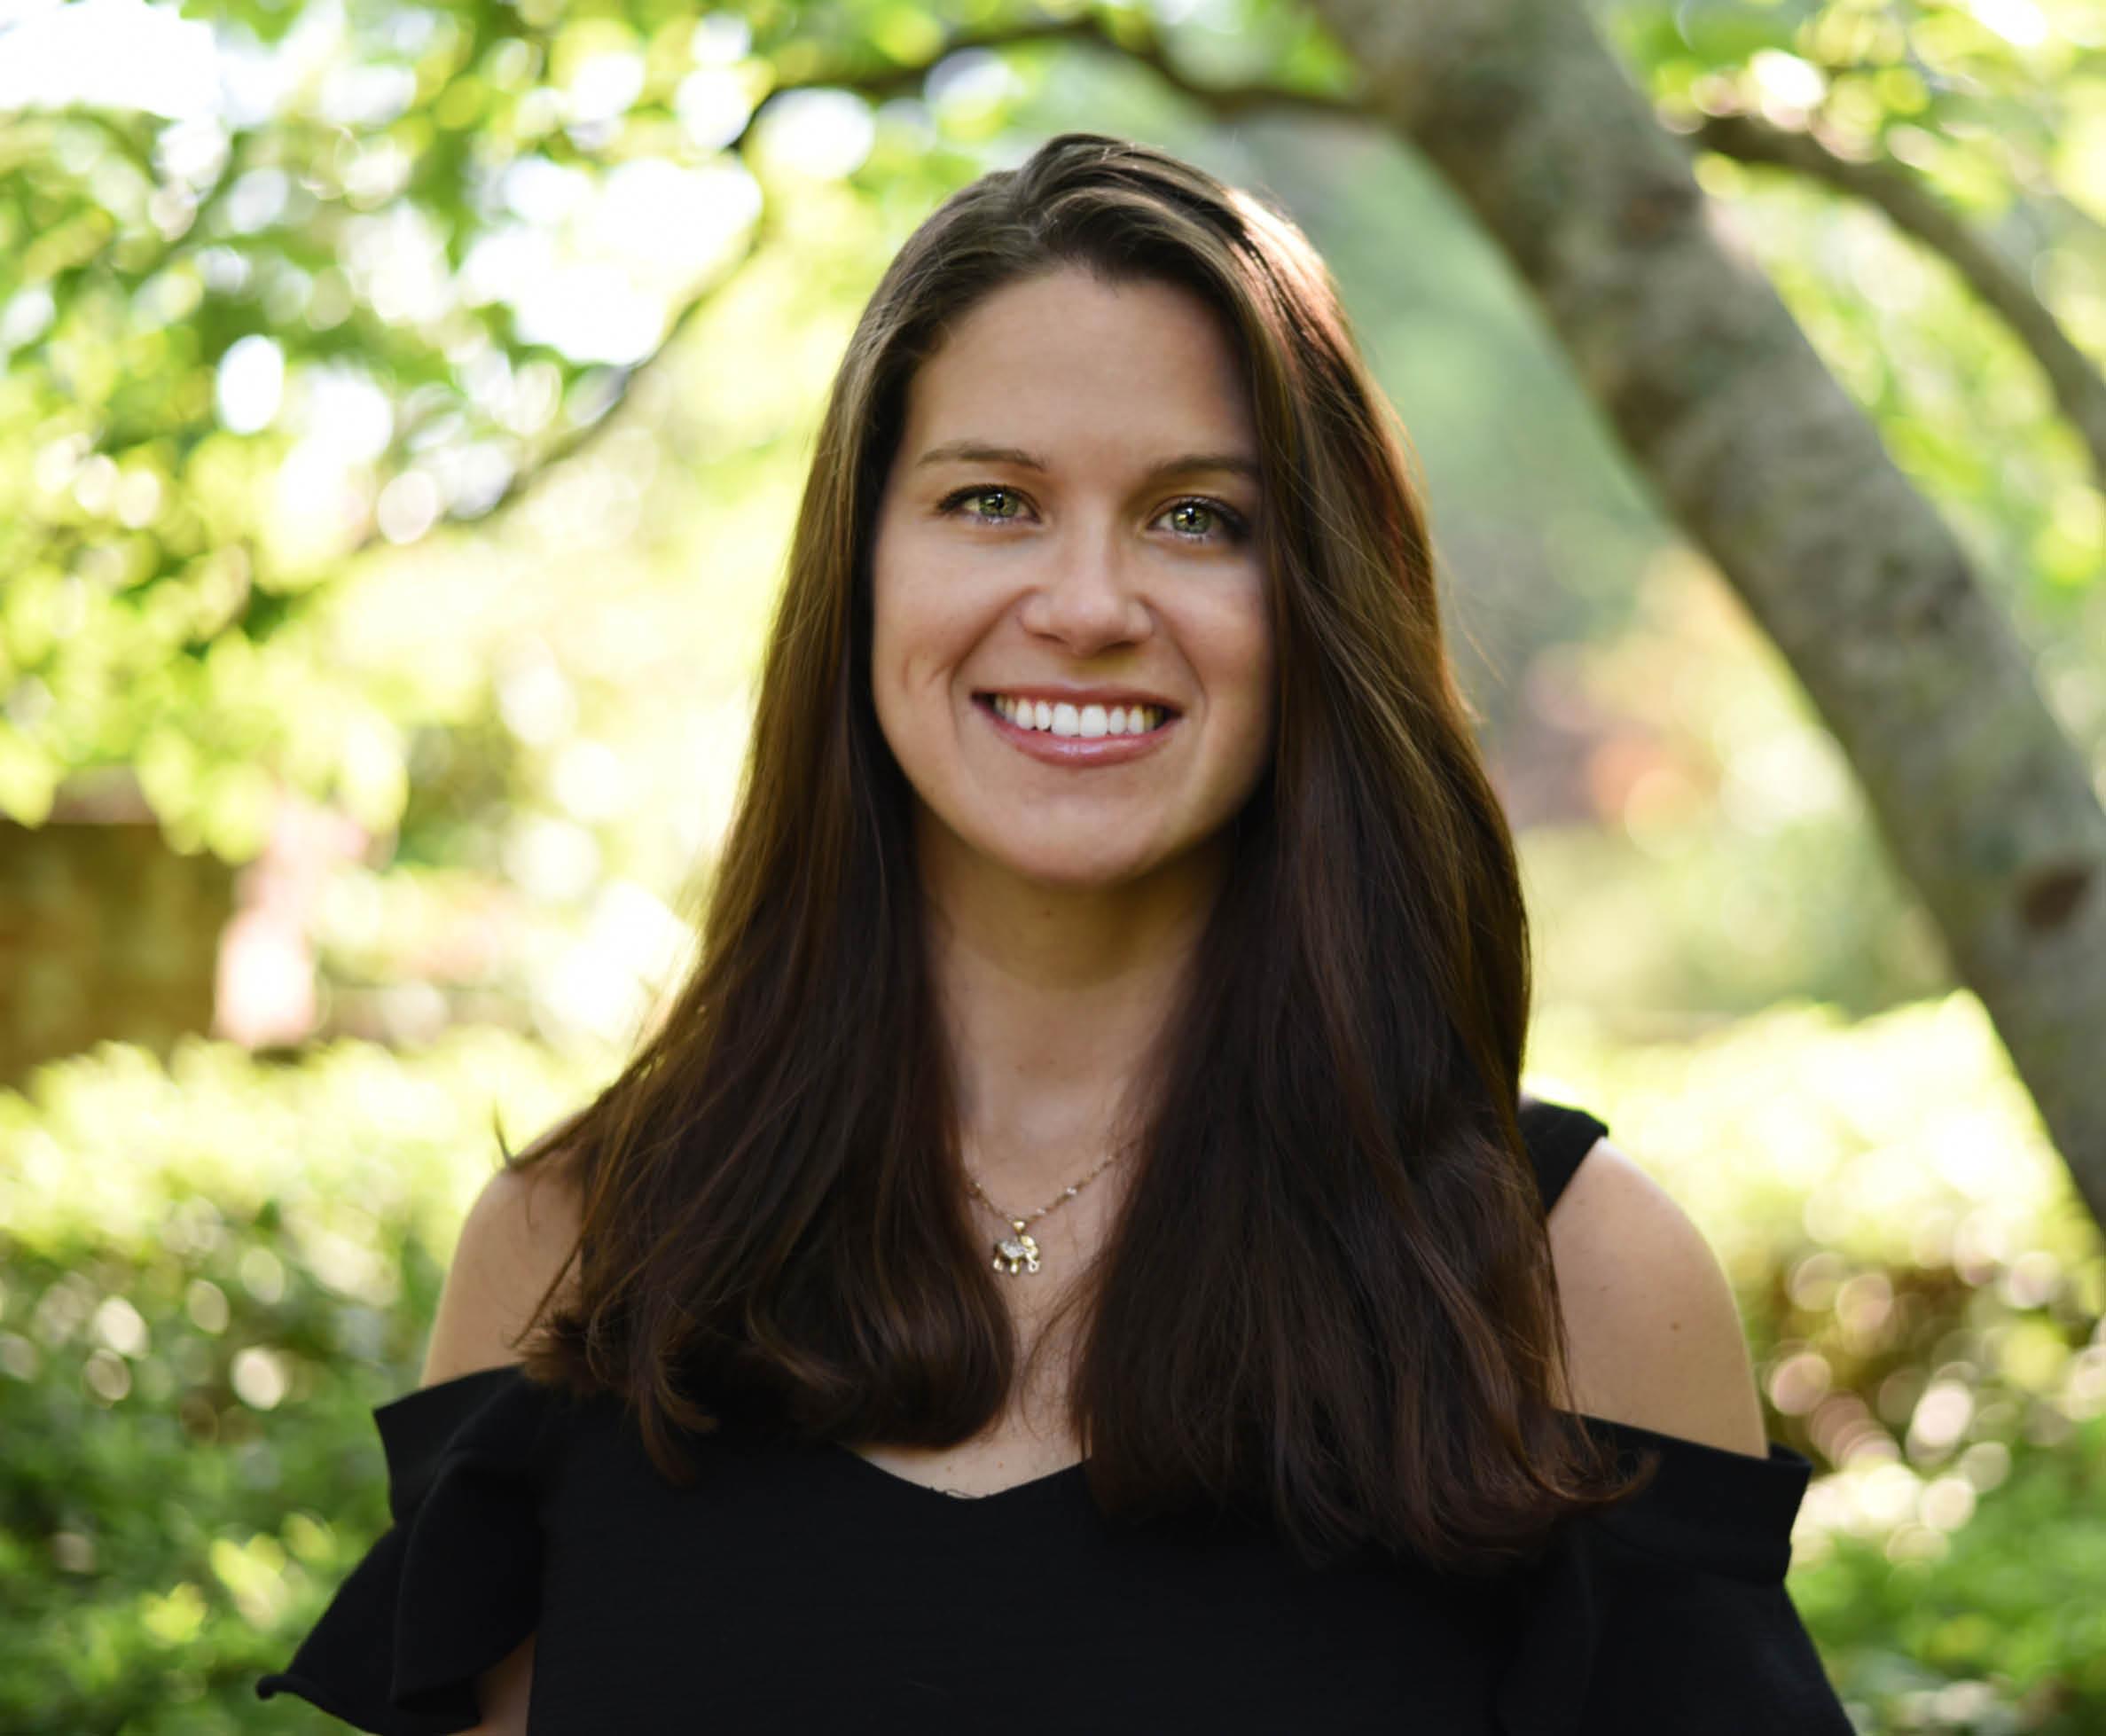 Stephanie Hubsch